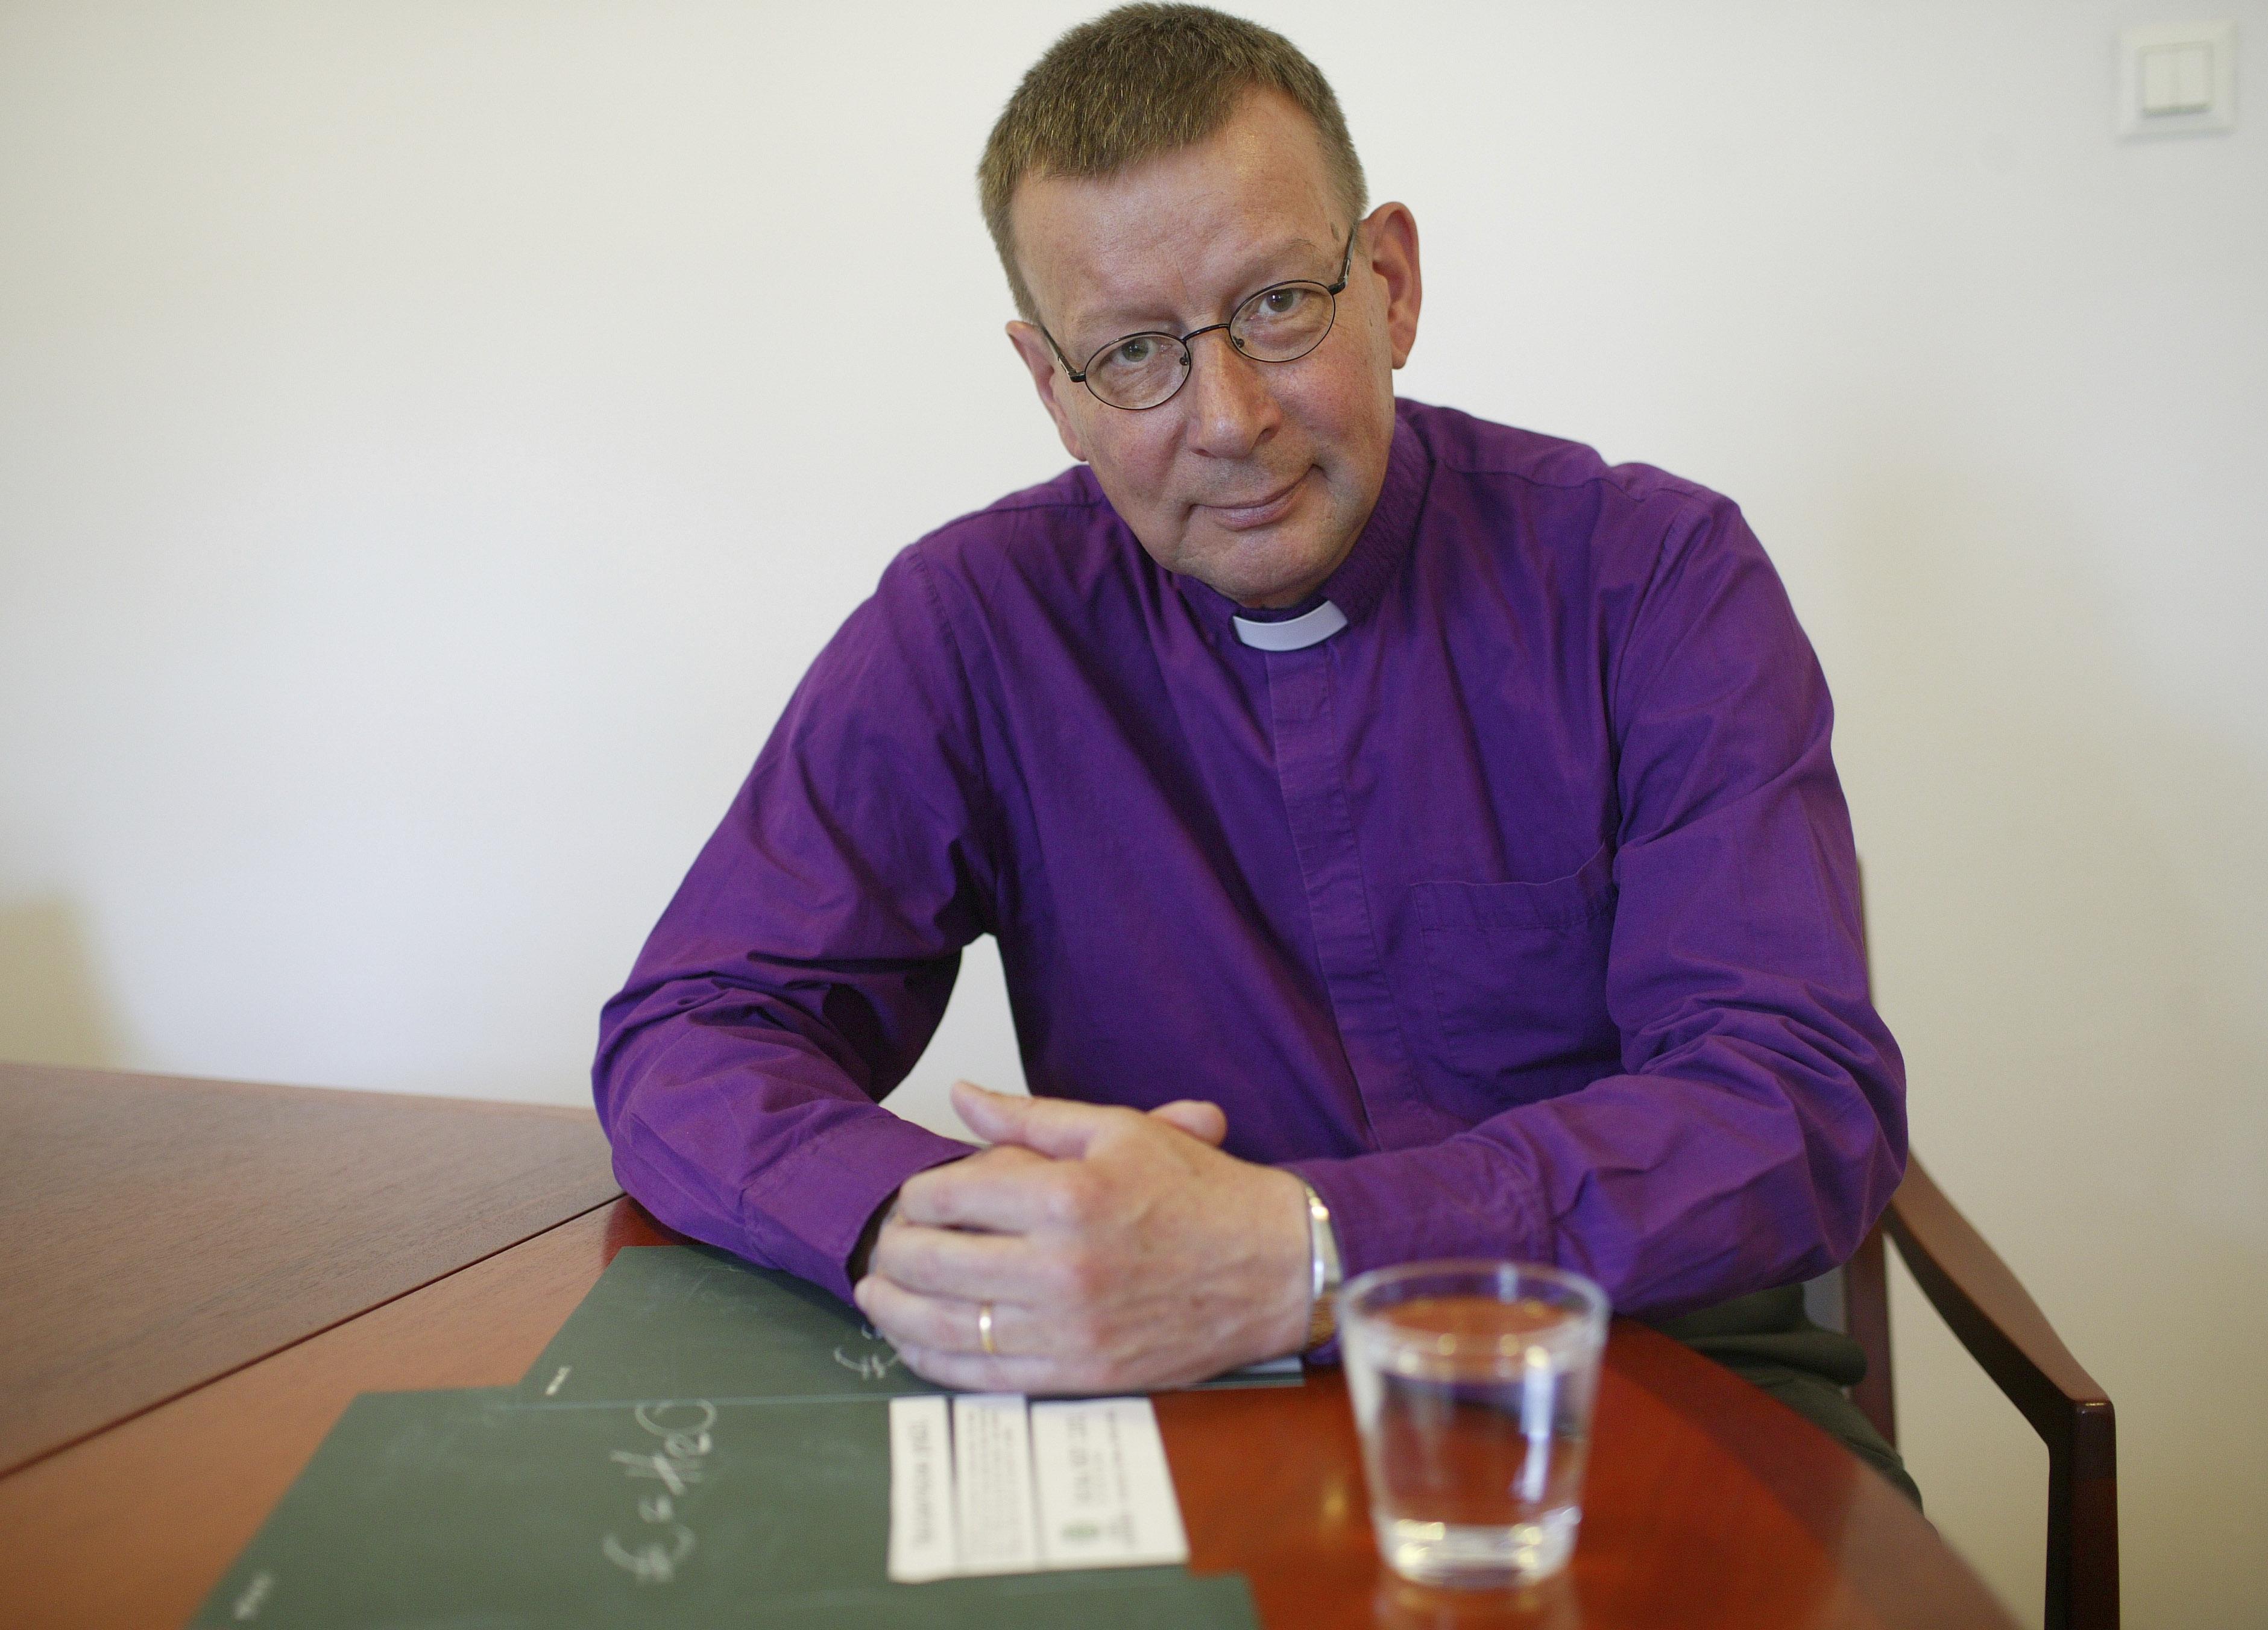 Vuonna 2005 Helsingin piispa Eero Huovinen toimi Kirkon Ulkomaanavun vesikampajan suojelijana. Kampajan auttoi muun muassa rakentamaan kaivoja sodan runtelemaan Sierra Leoneen.